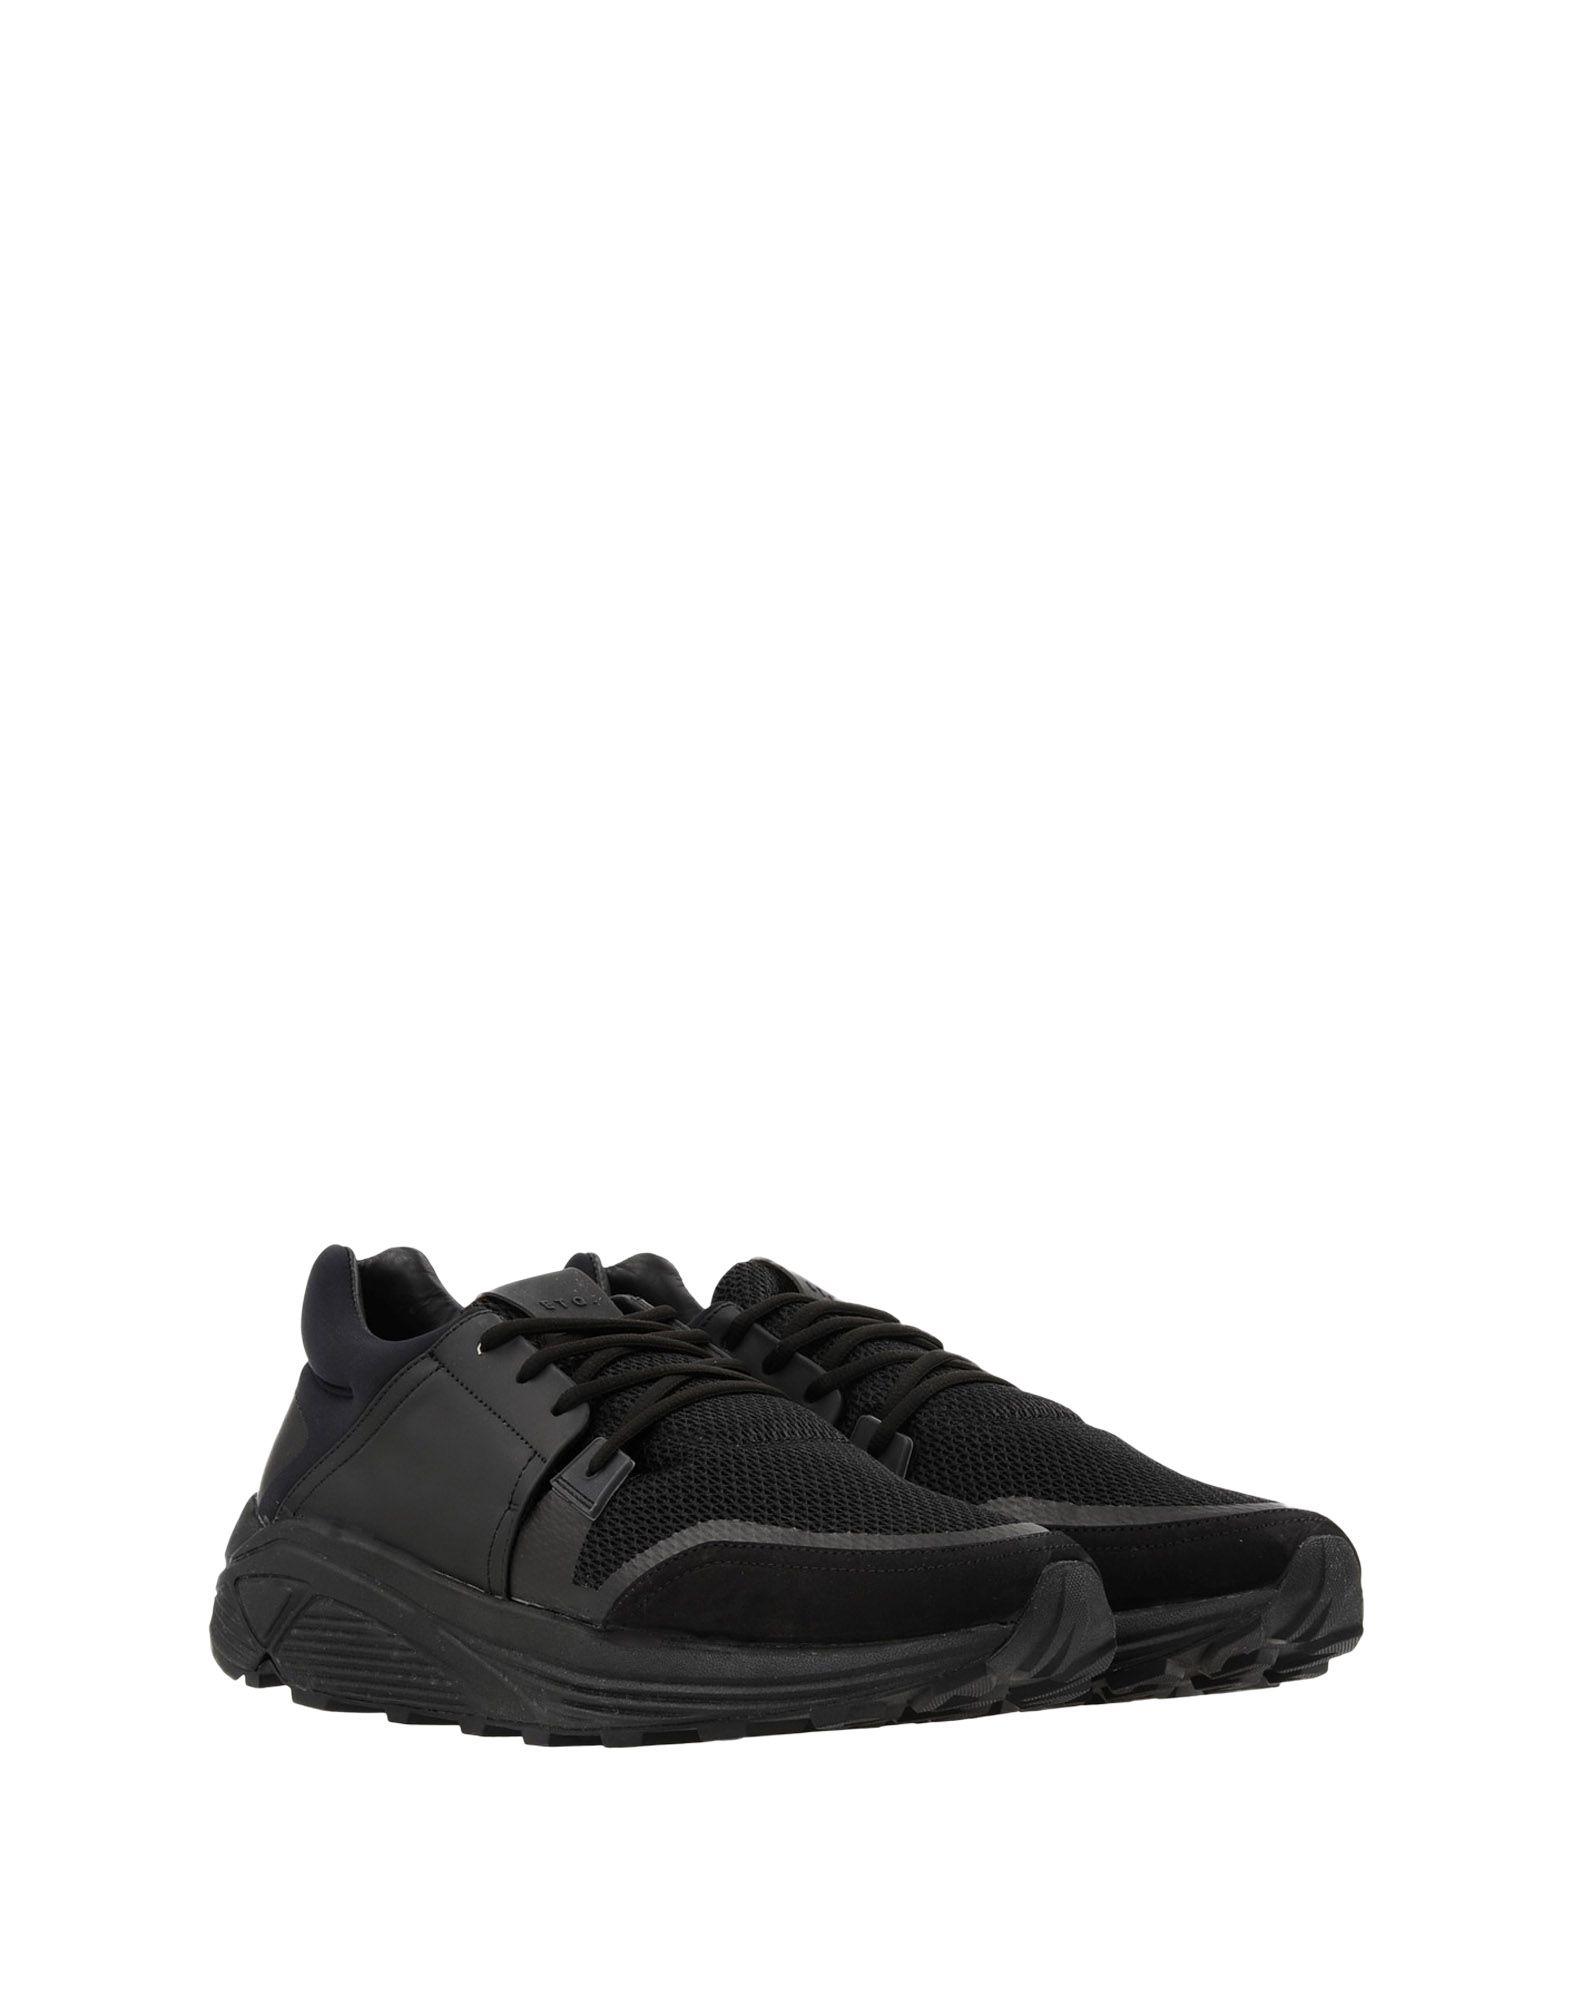 Etq.chaussures à trois boucles Vraiment Pas Cher Coût Pas Cher En Ligne Obtenir Authentique Vente En Ligne 1BlGDs6a